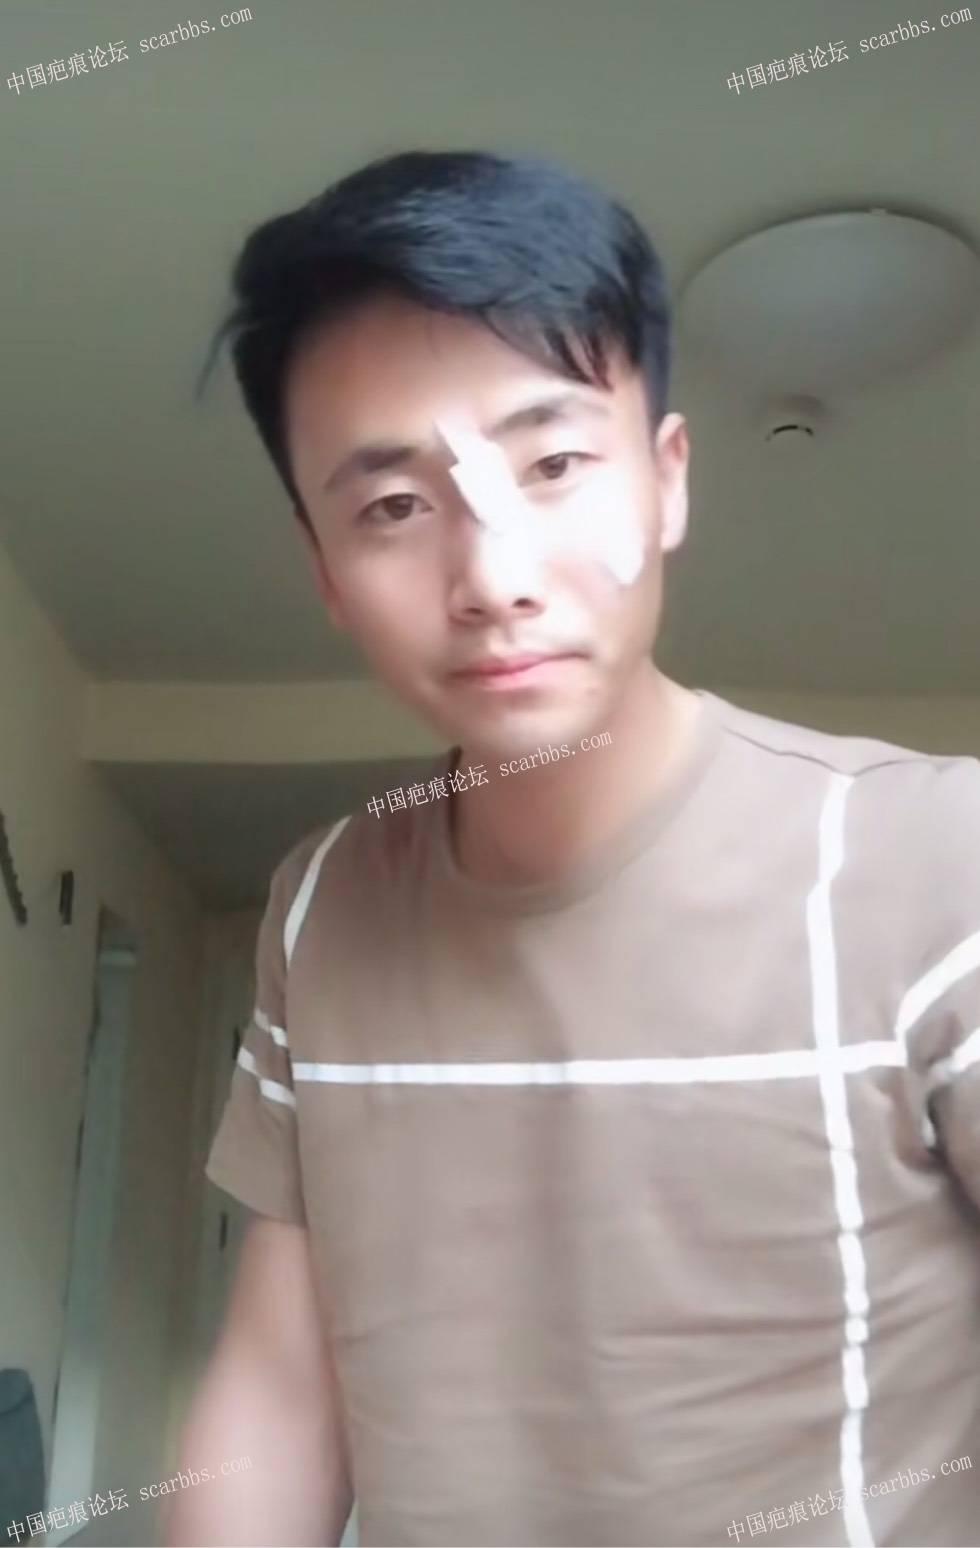 5.29面部凹陷疤痕切除了64-疤痕体质图片_疤痕疙瘩图片-中国疤痕论坛